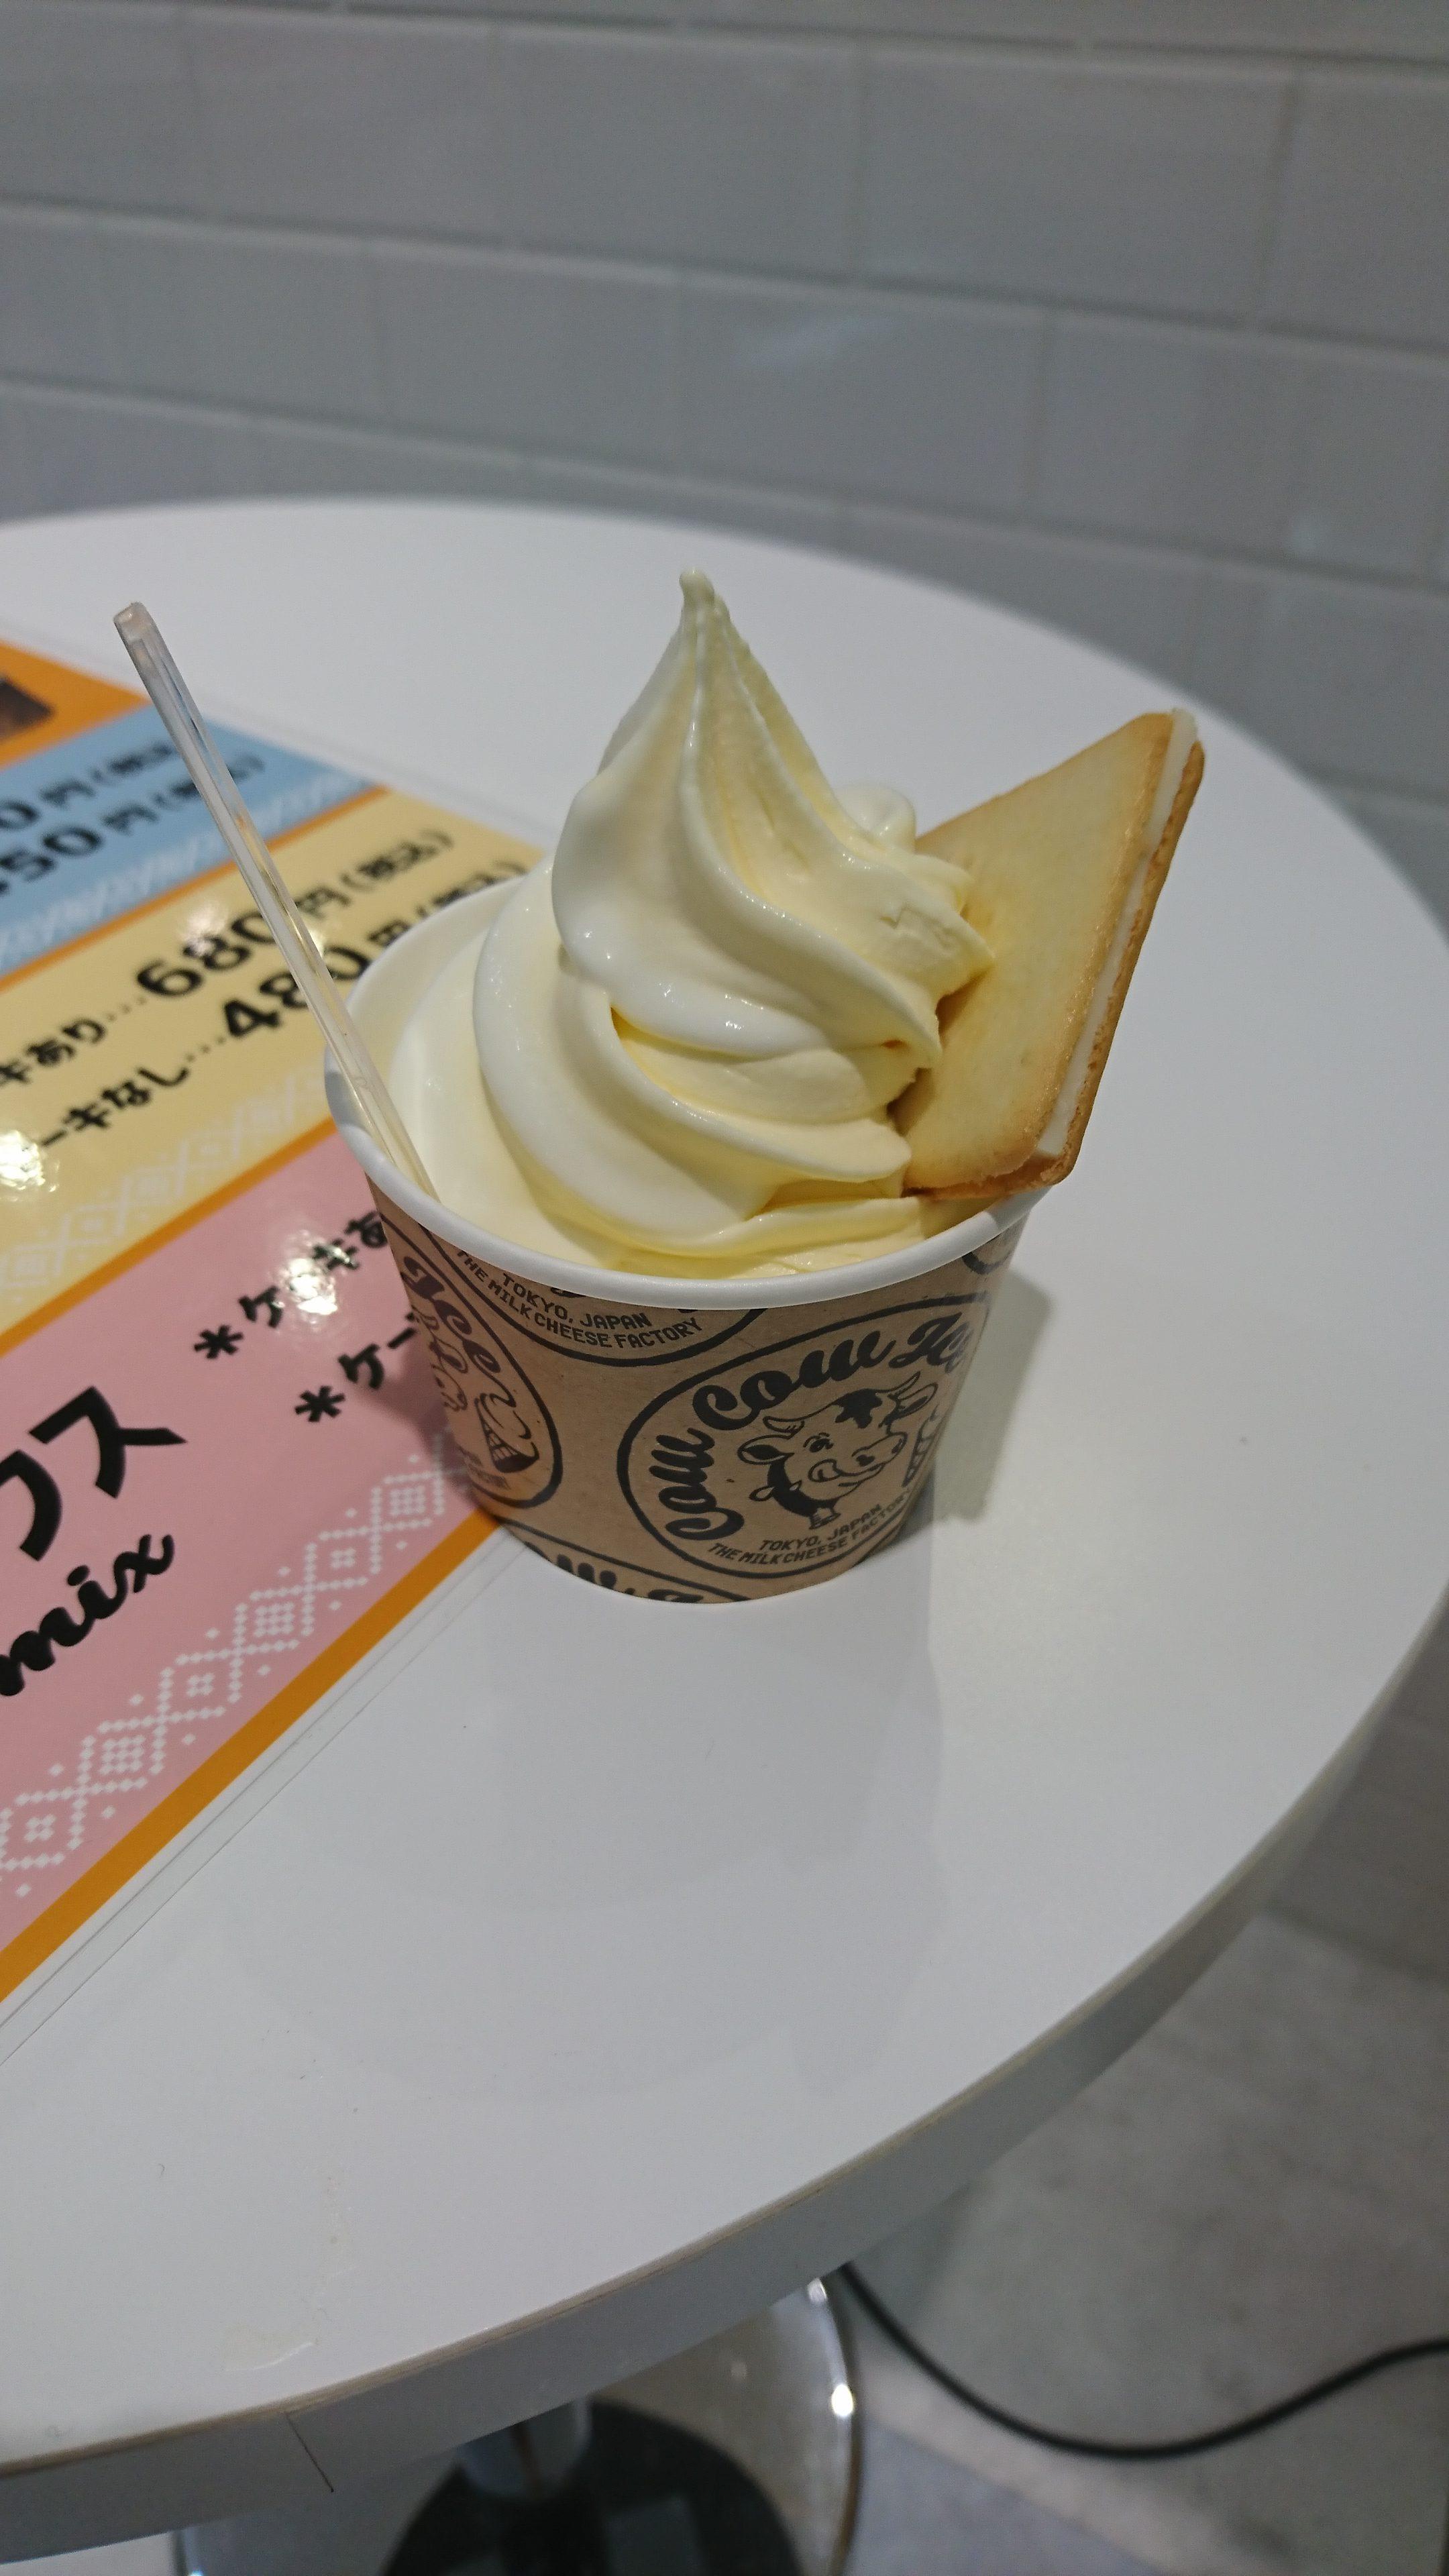 東京土産にも!東京ミルクチーズ工場のお菓子が美味しい!